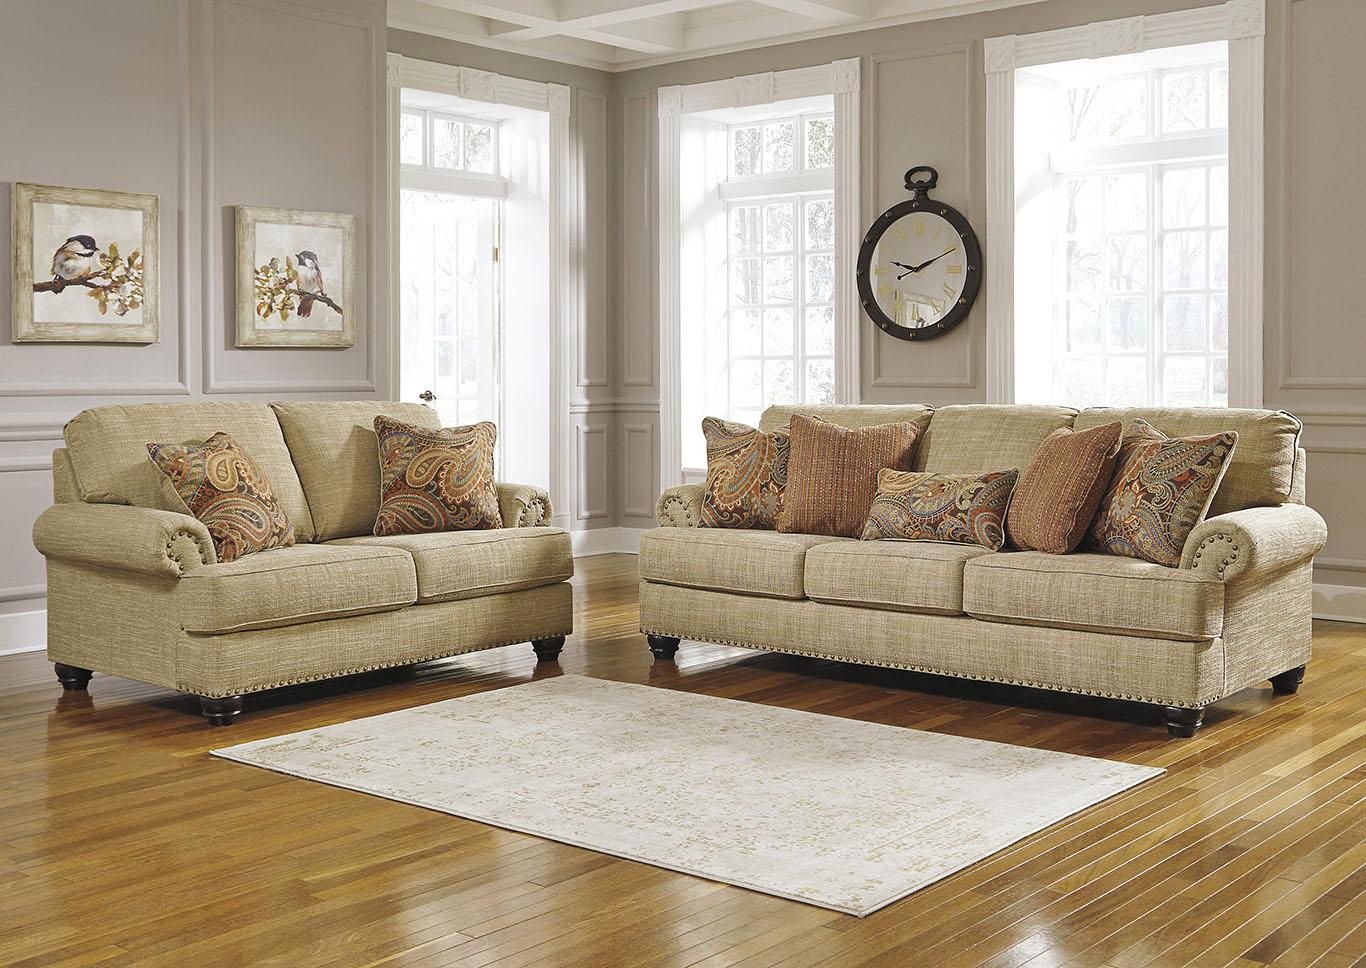 Beau Furniture. U003e